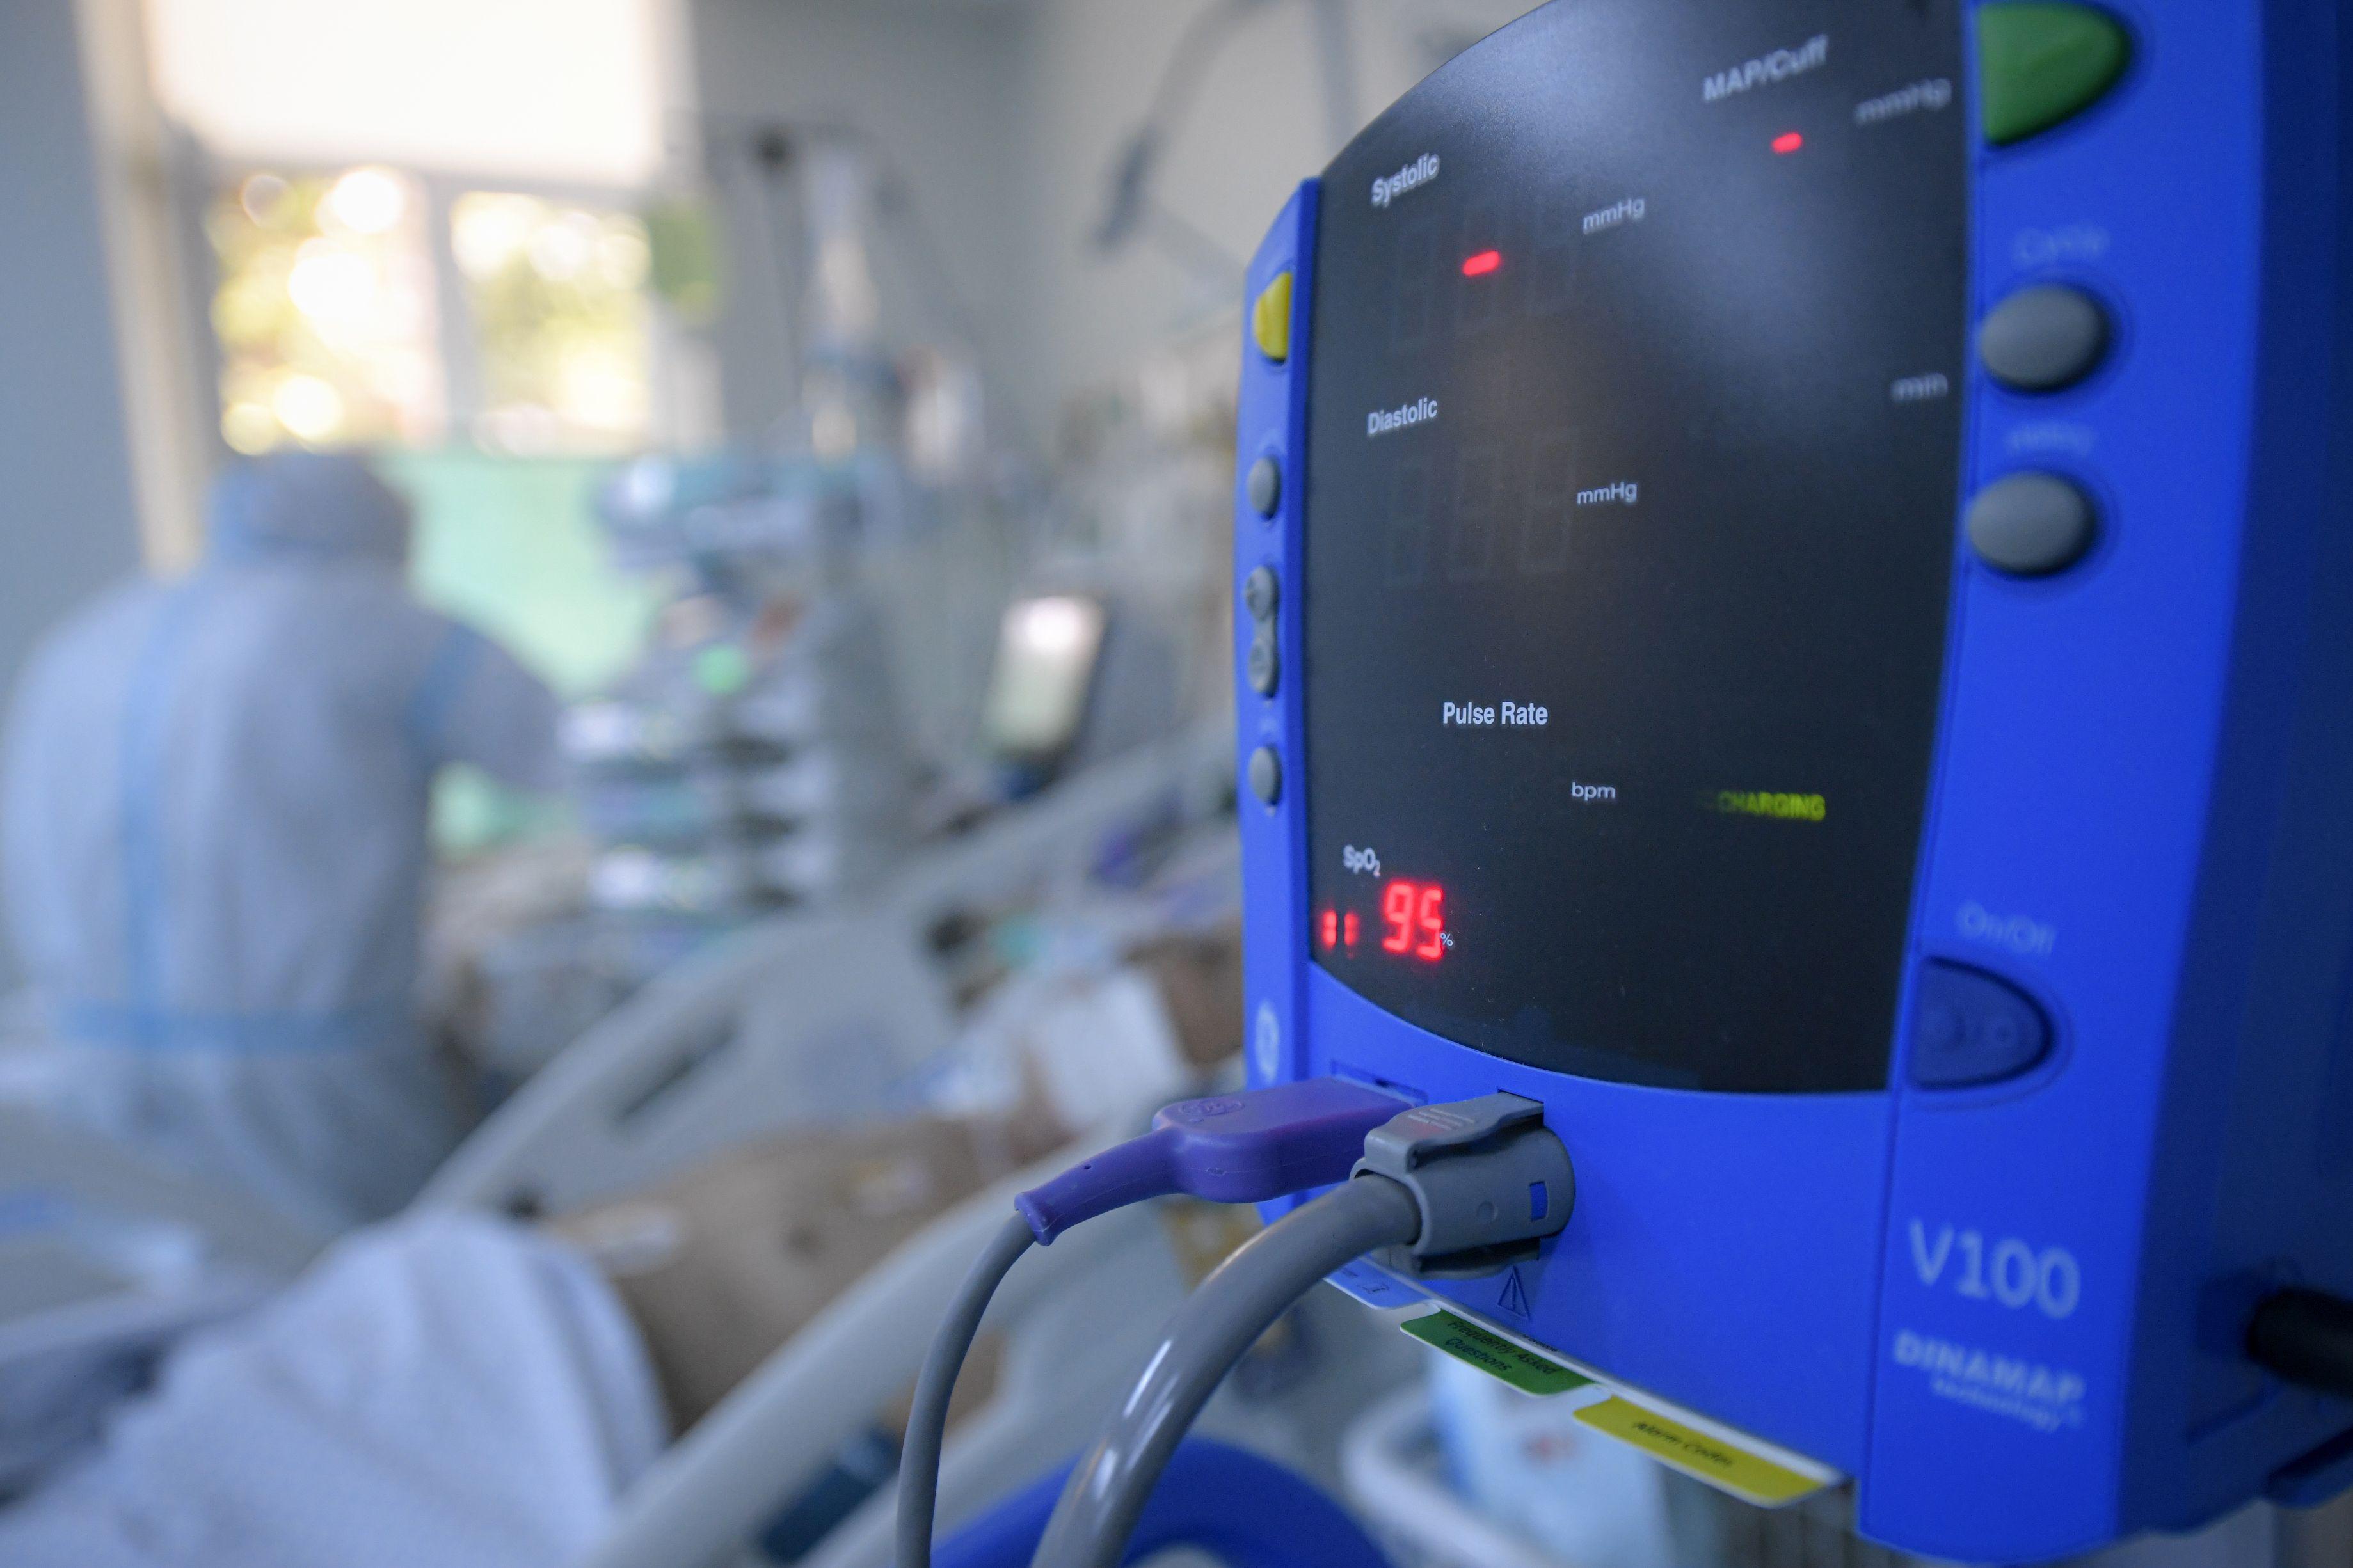 Polonia a trimis României 50 de concentratoare de oxigen pentru pacienții internați la spitalul modular de la Leţcani